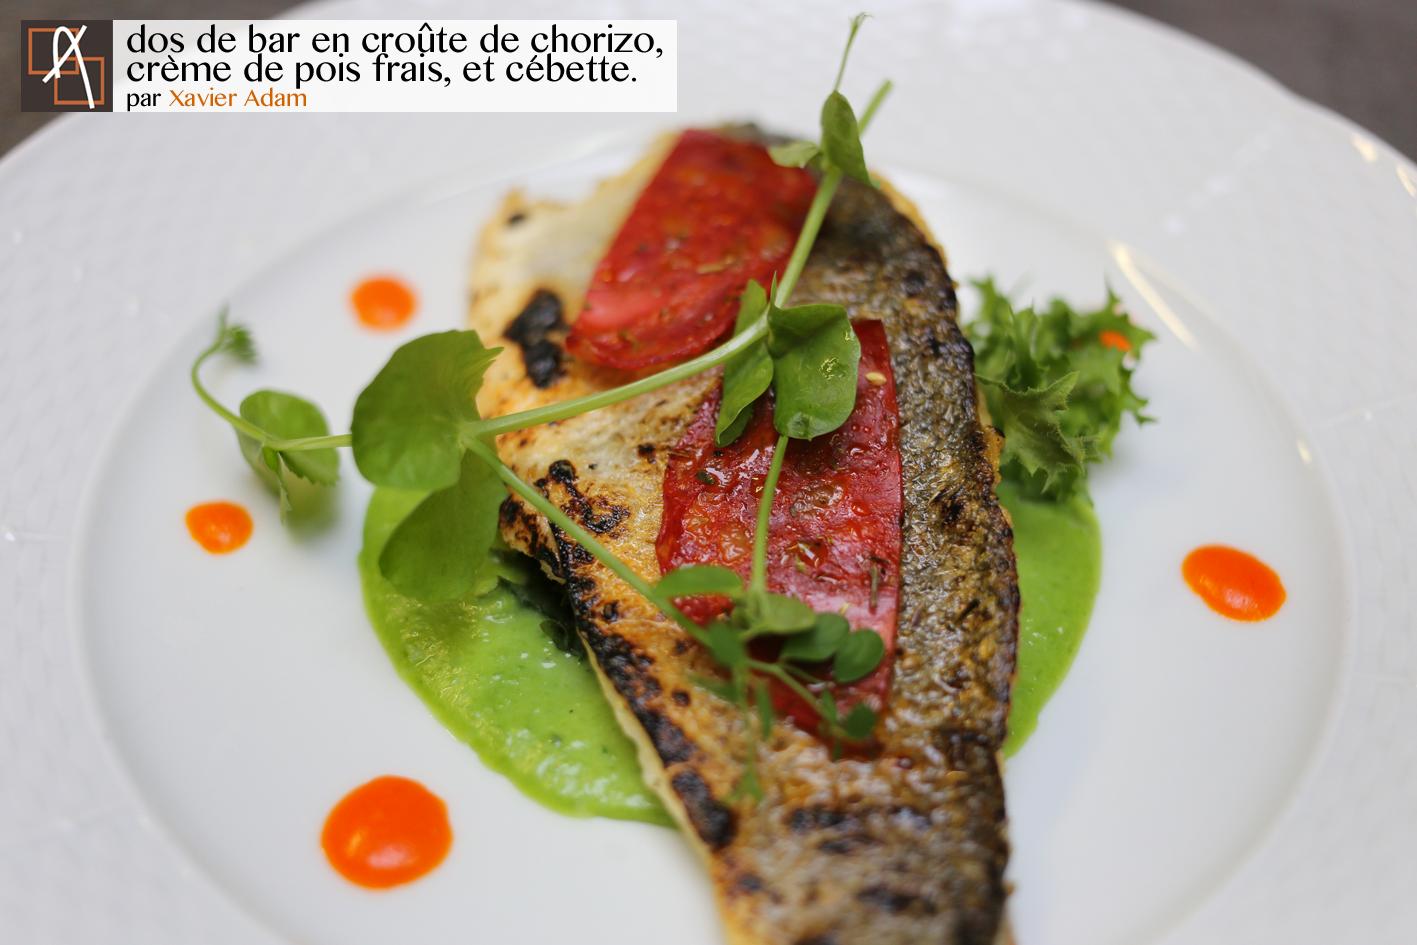 La plat, présenté par Xavier Adam dans son restaurant l'Atelier Gourmand (Frameries).